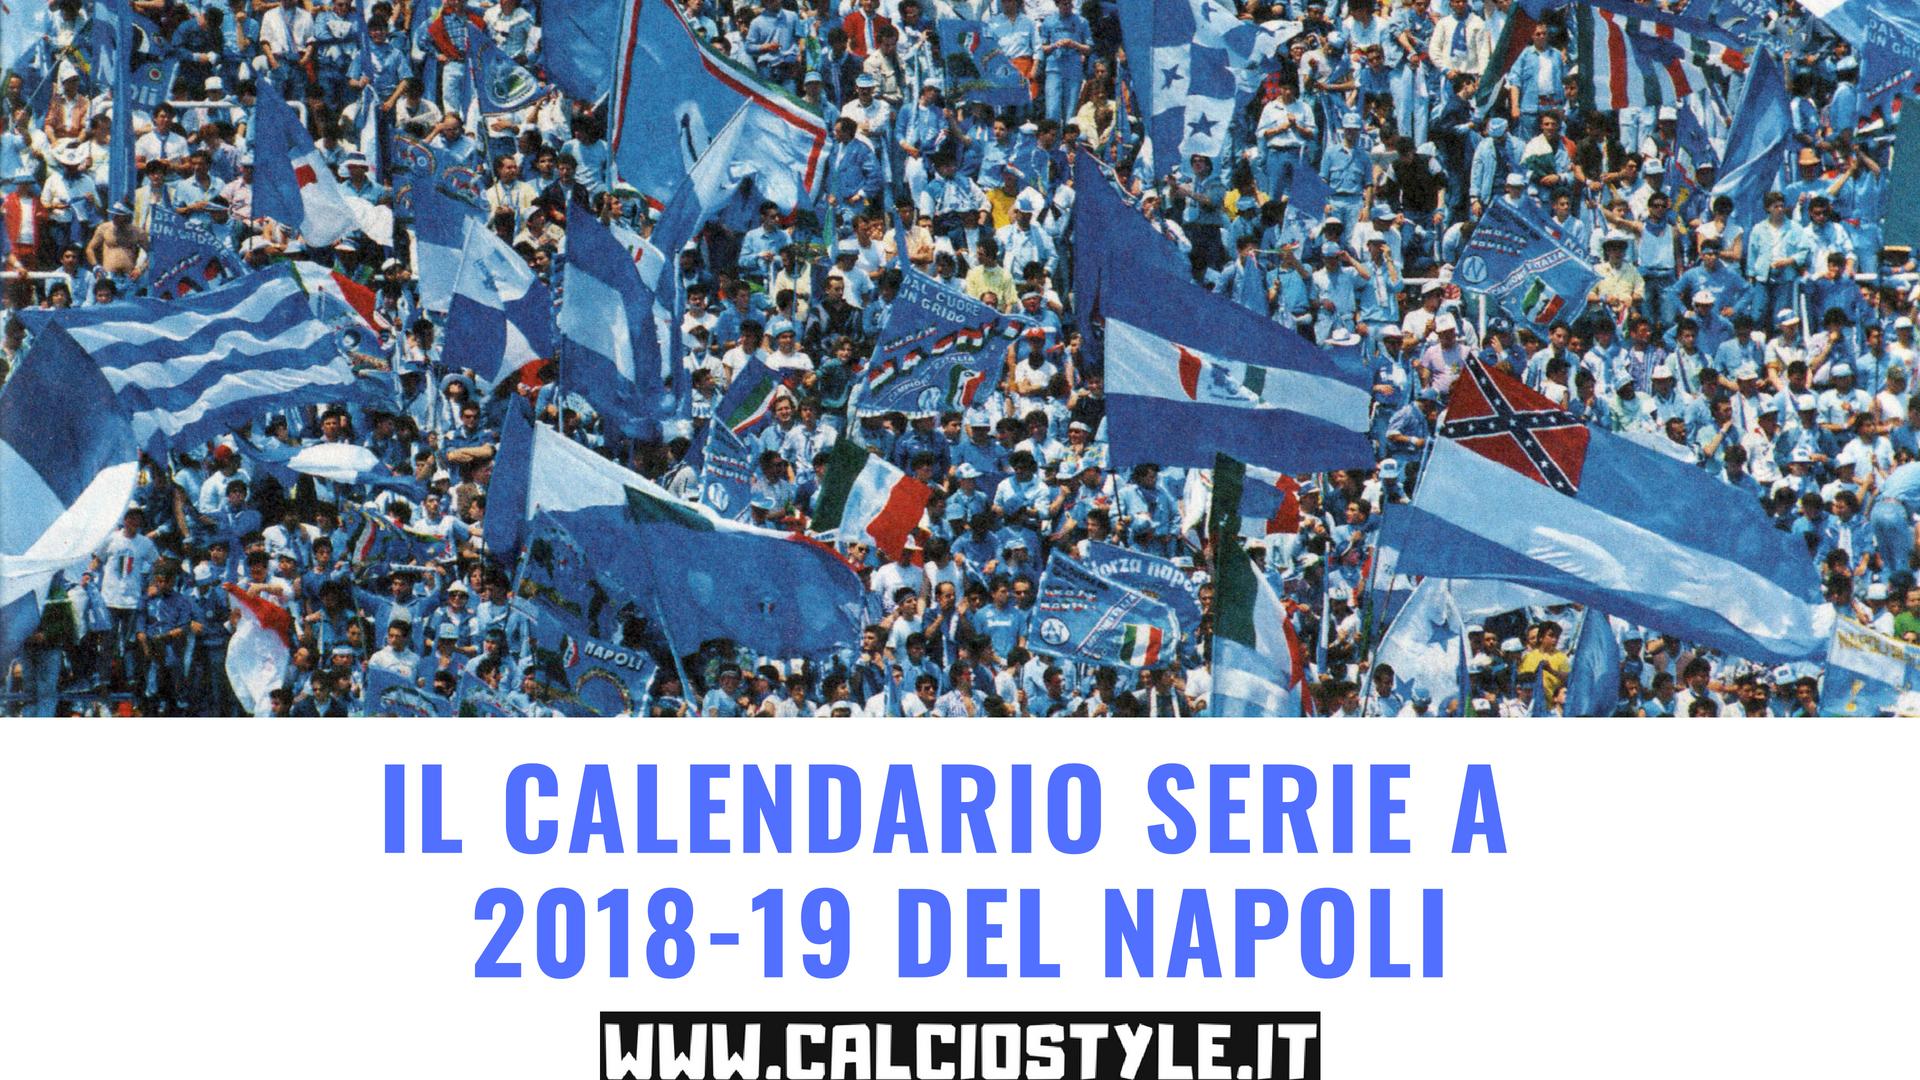 Calendario Serie A Del Napoli.Scarica Qui Il Calendario Della Serie A Del Napoli 2018 19